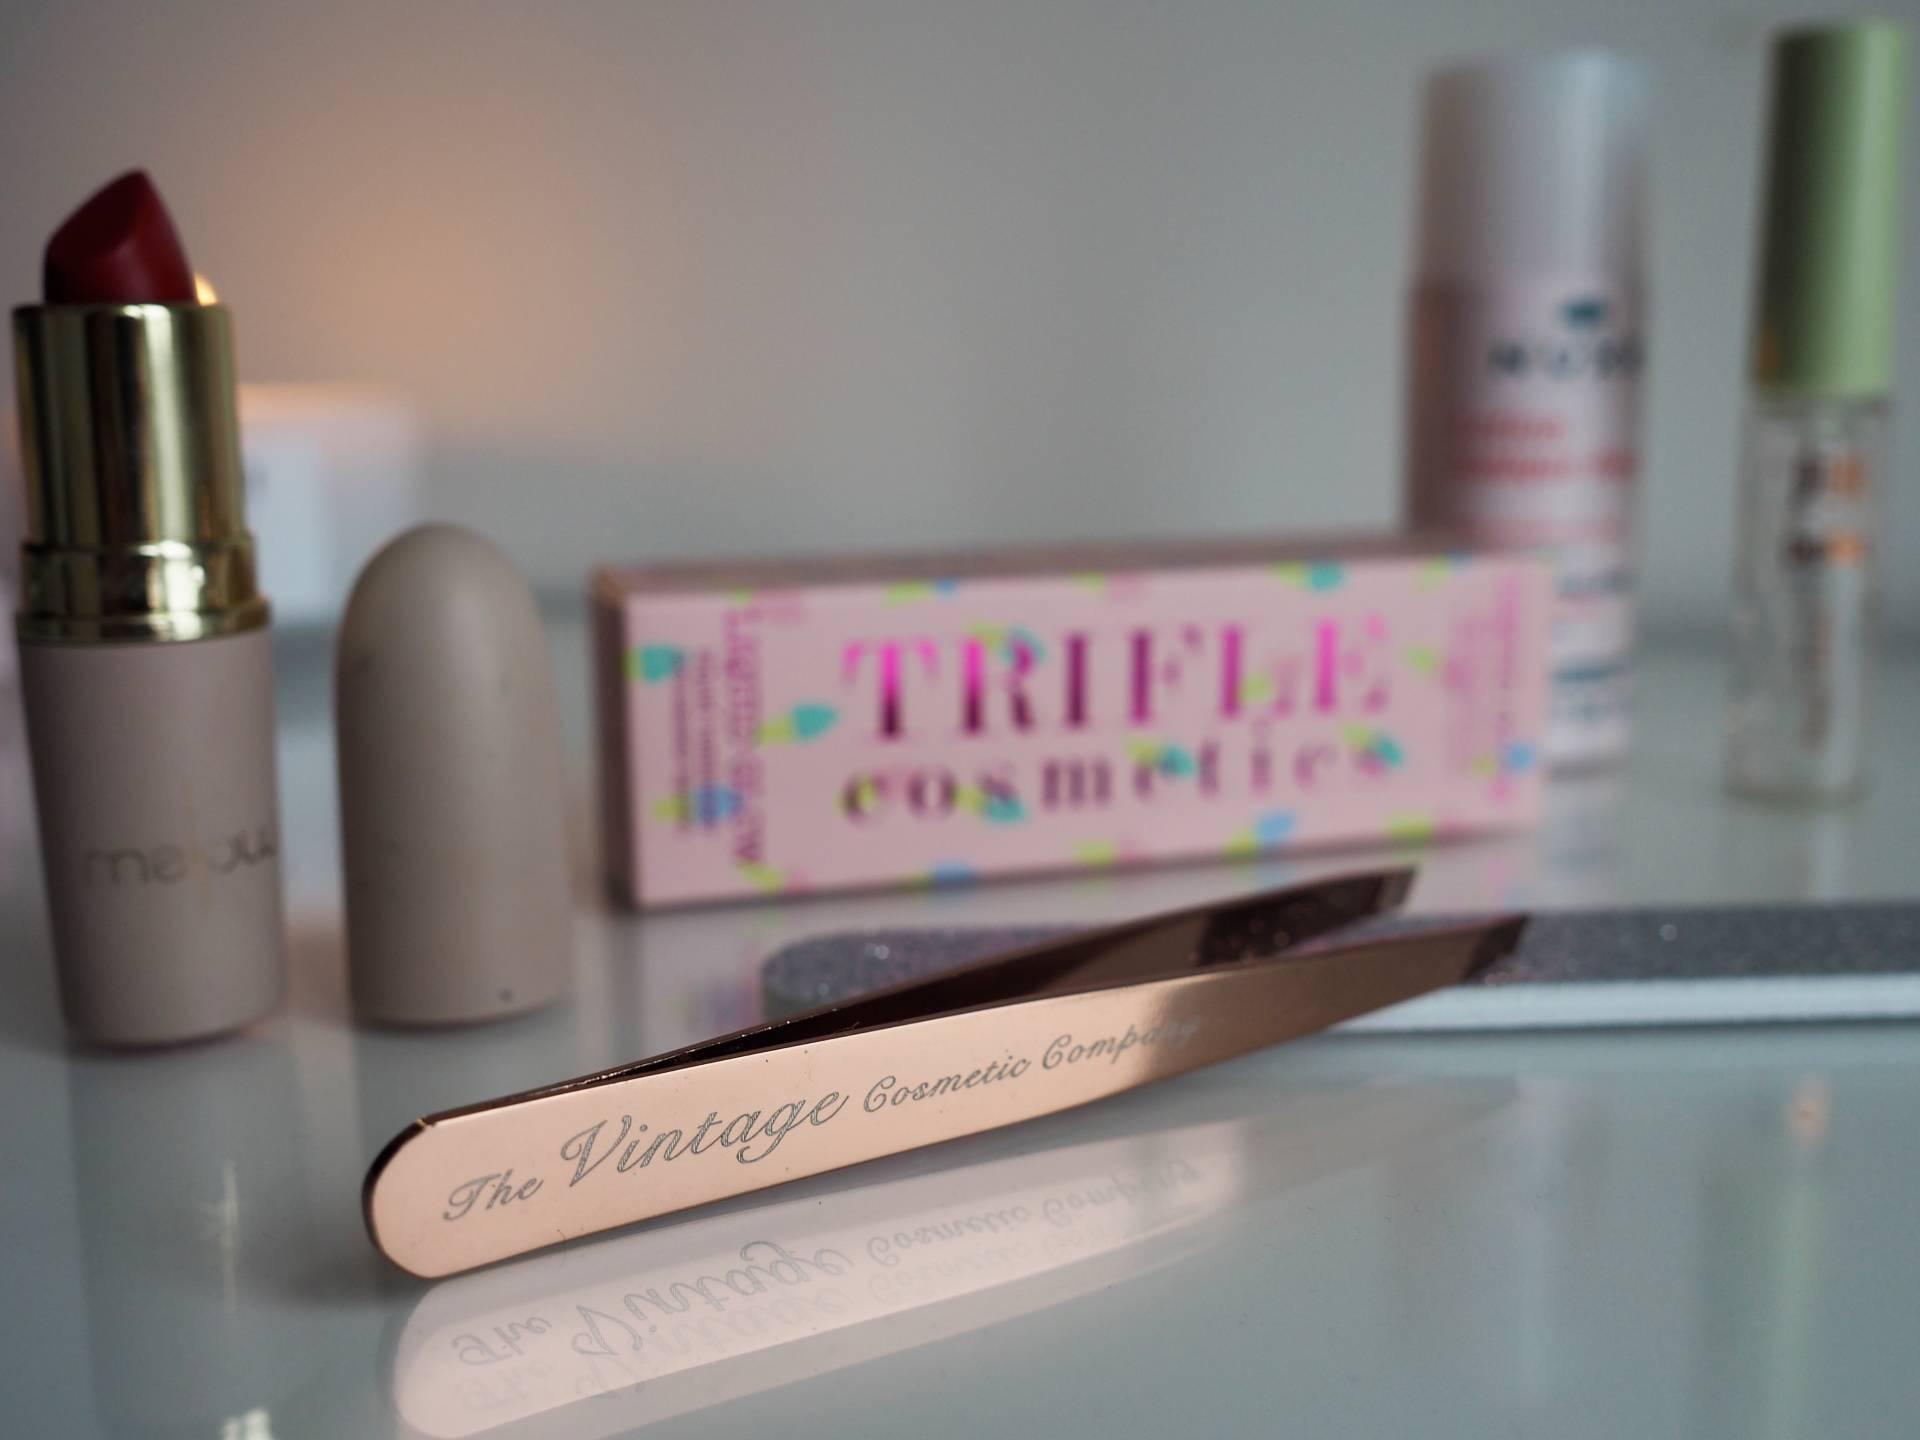 Look Fantastic Beauty Box Giveaway | Megan Taylor